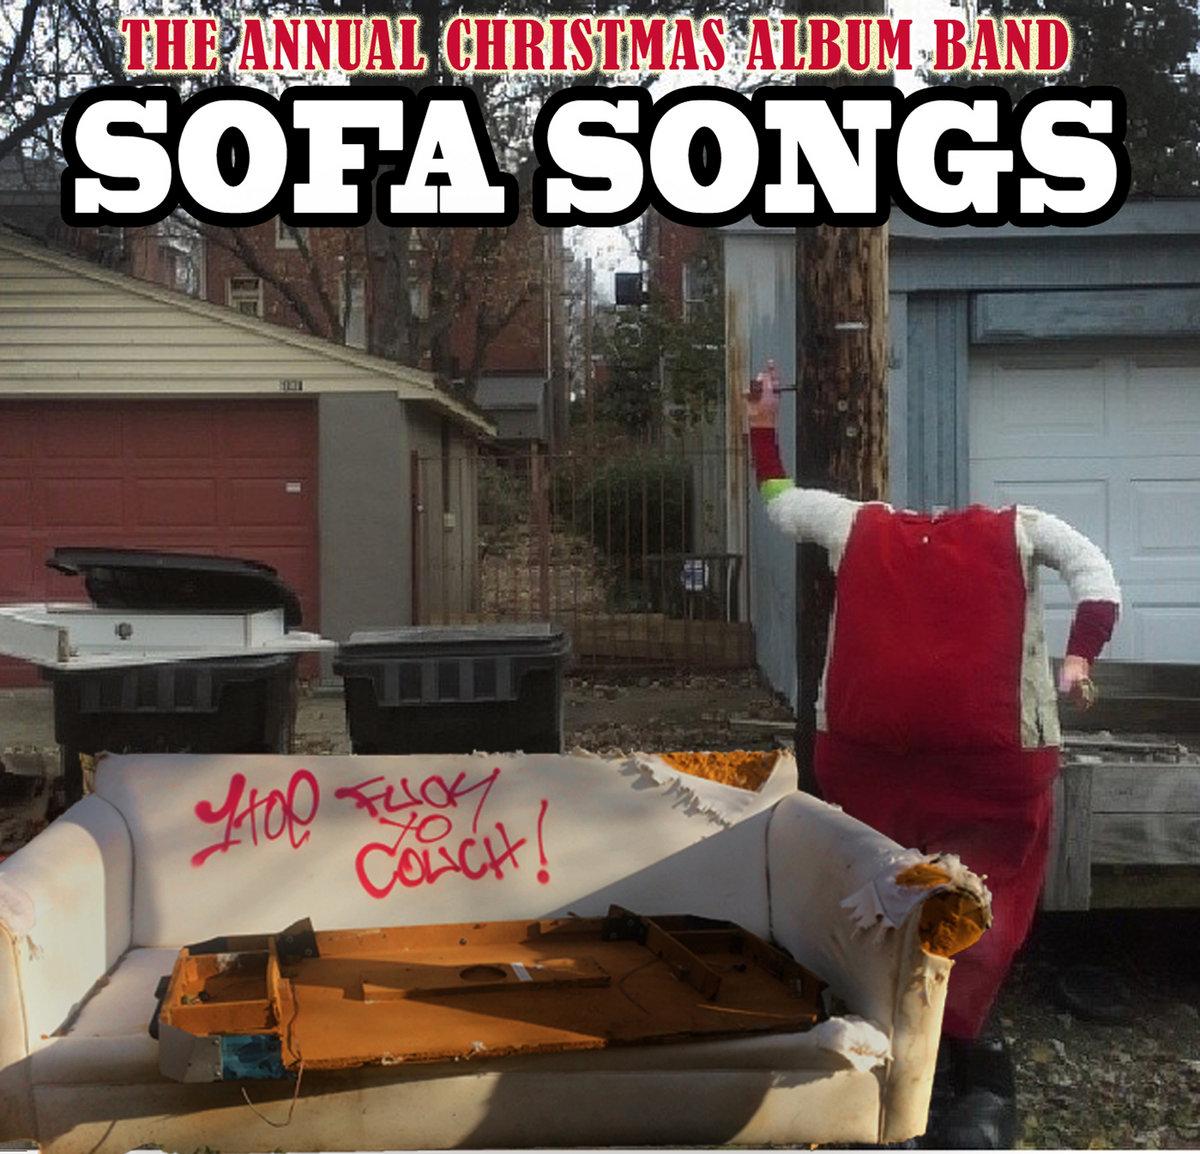 I Got A Brand New Sofa The Annual Christmas Album Band